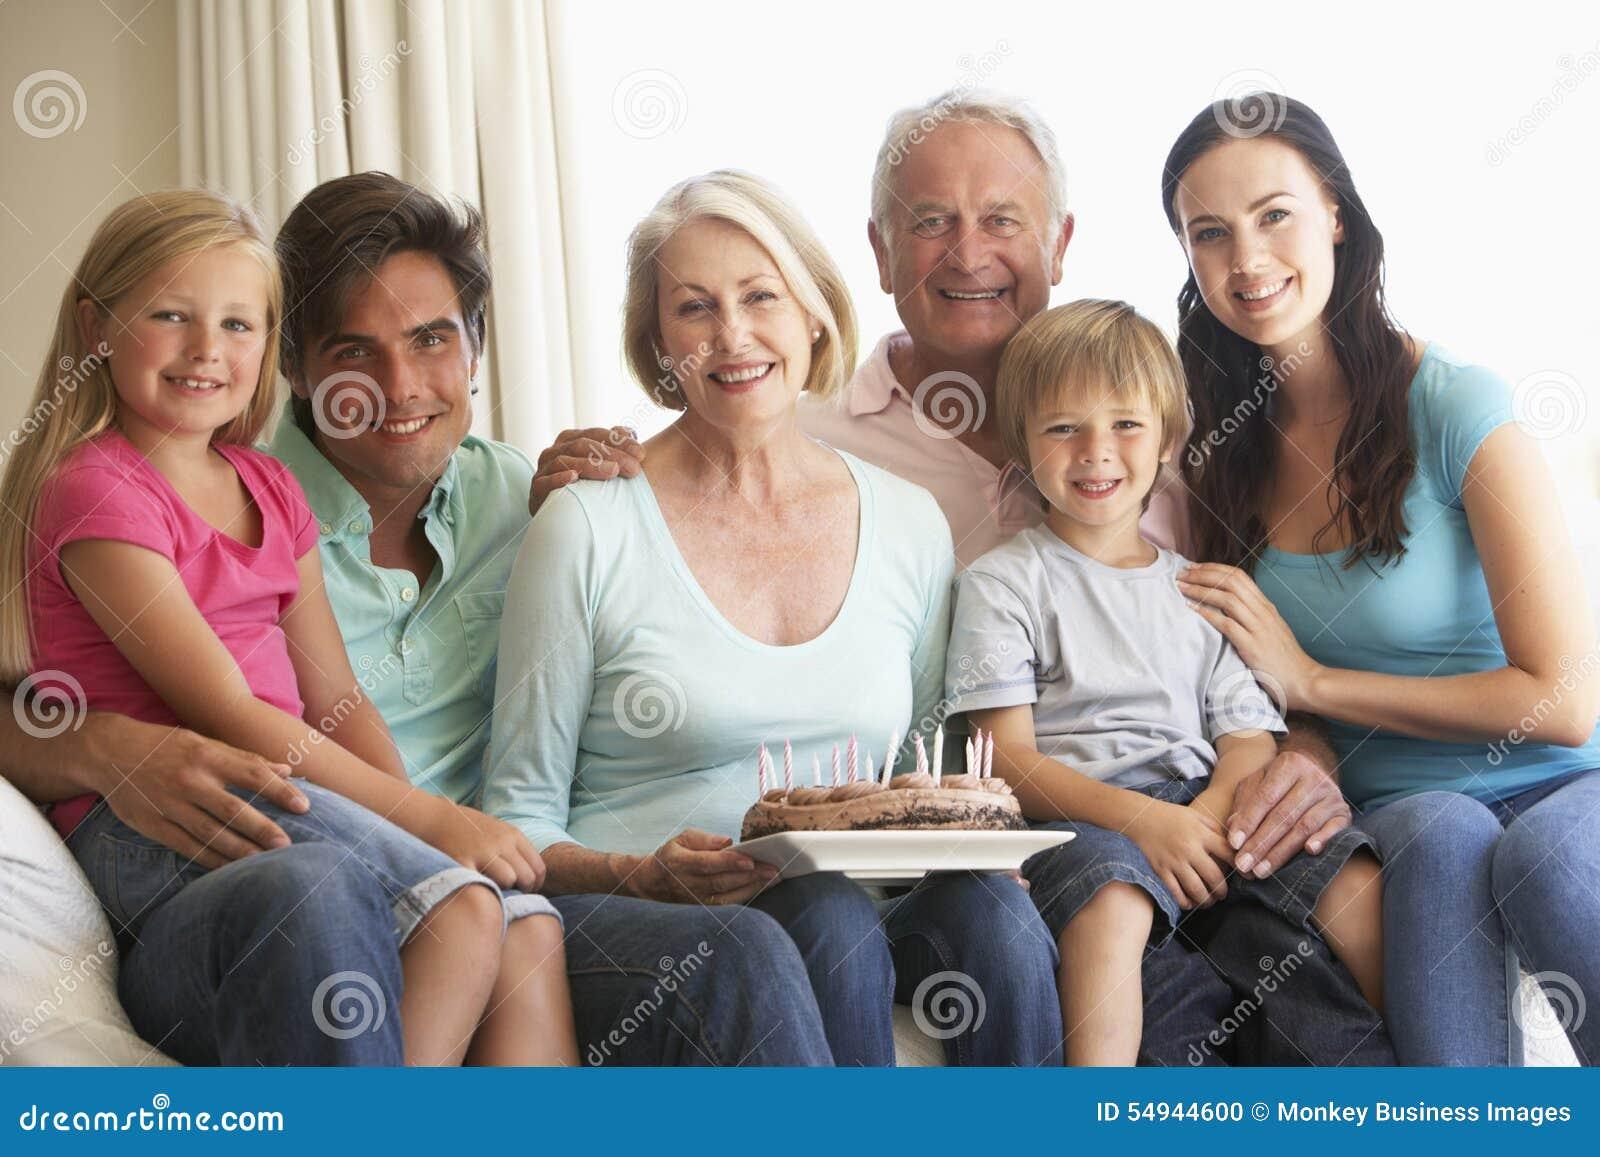 庆祝生日的大家庭小组